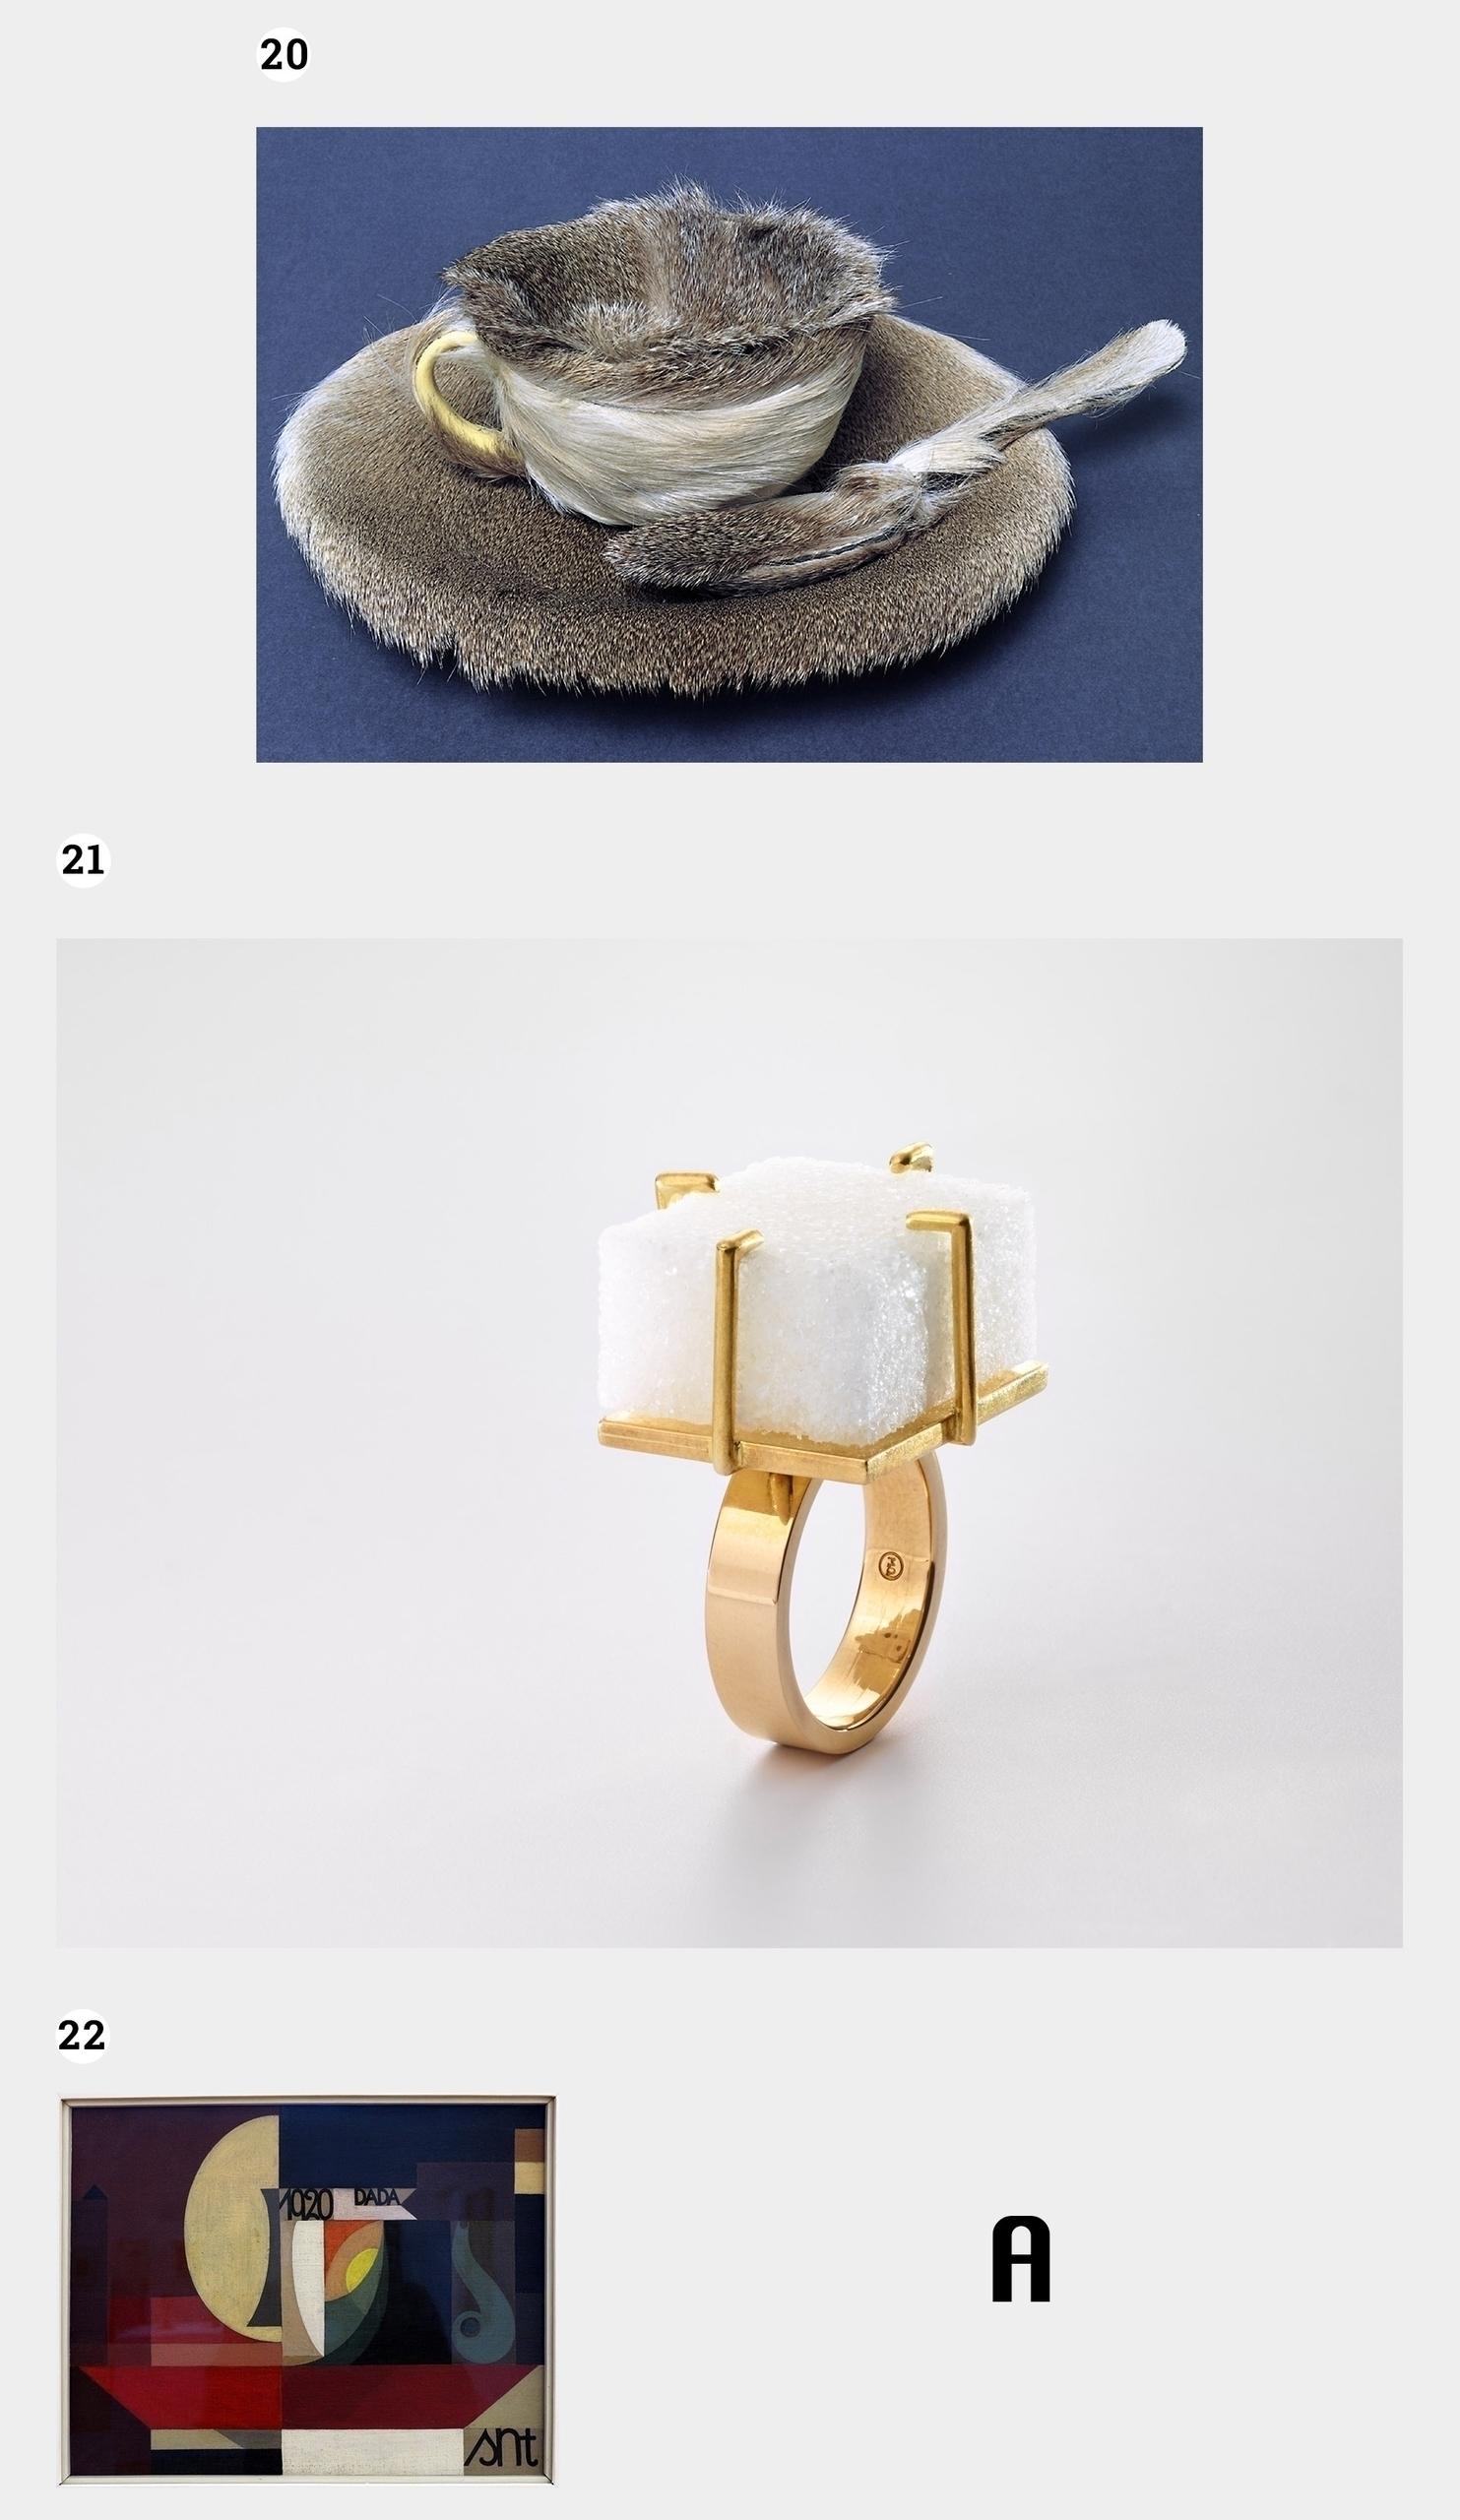 Obraz przedstawia trzy zdjęcia na jasnoszarym tle. Widzimy filiżankę pokrytą futrem, pierścionek i obraz abstrakcyjny. Obok znajduje się czarna litera.